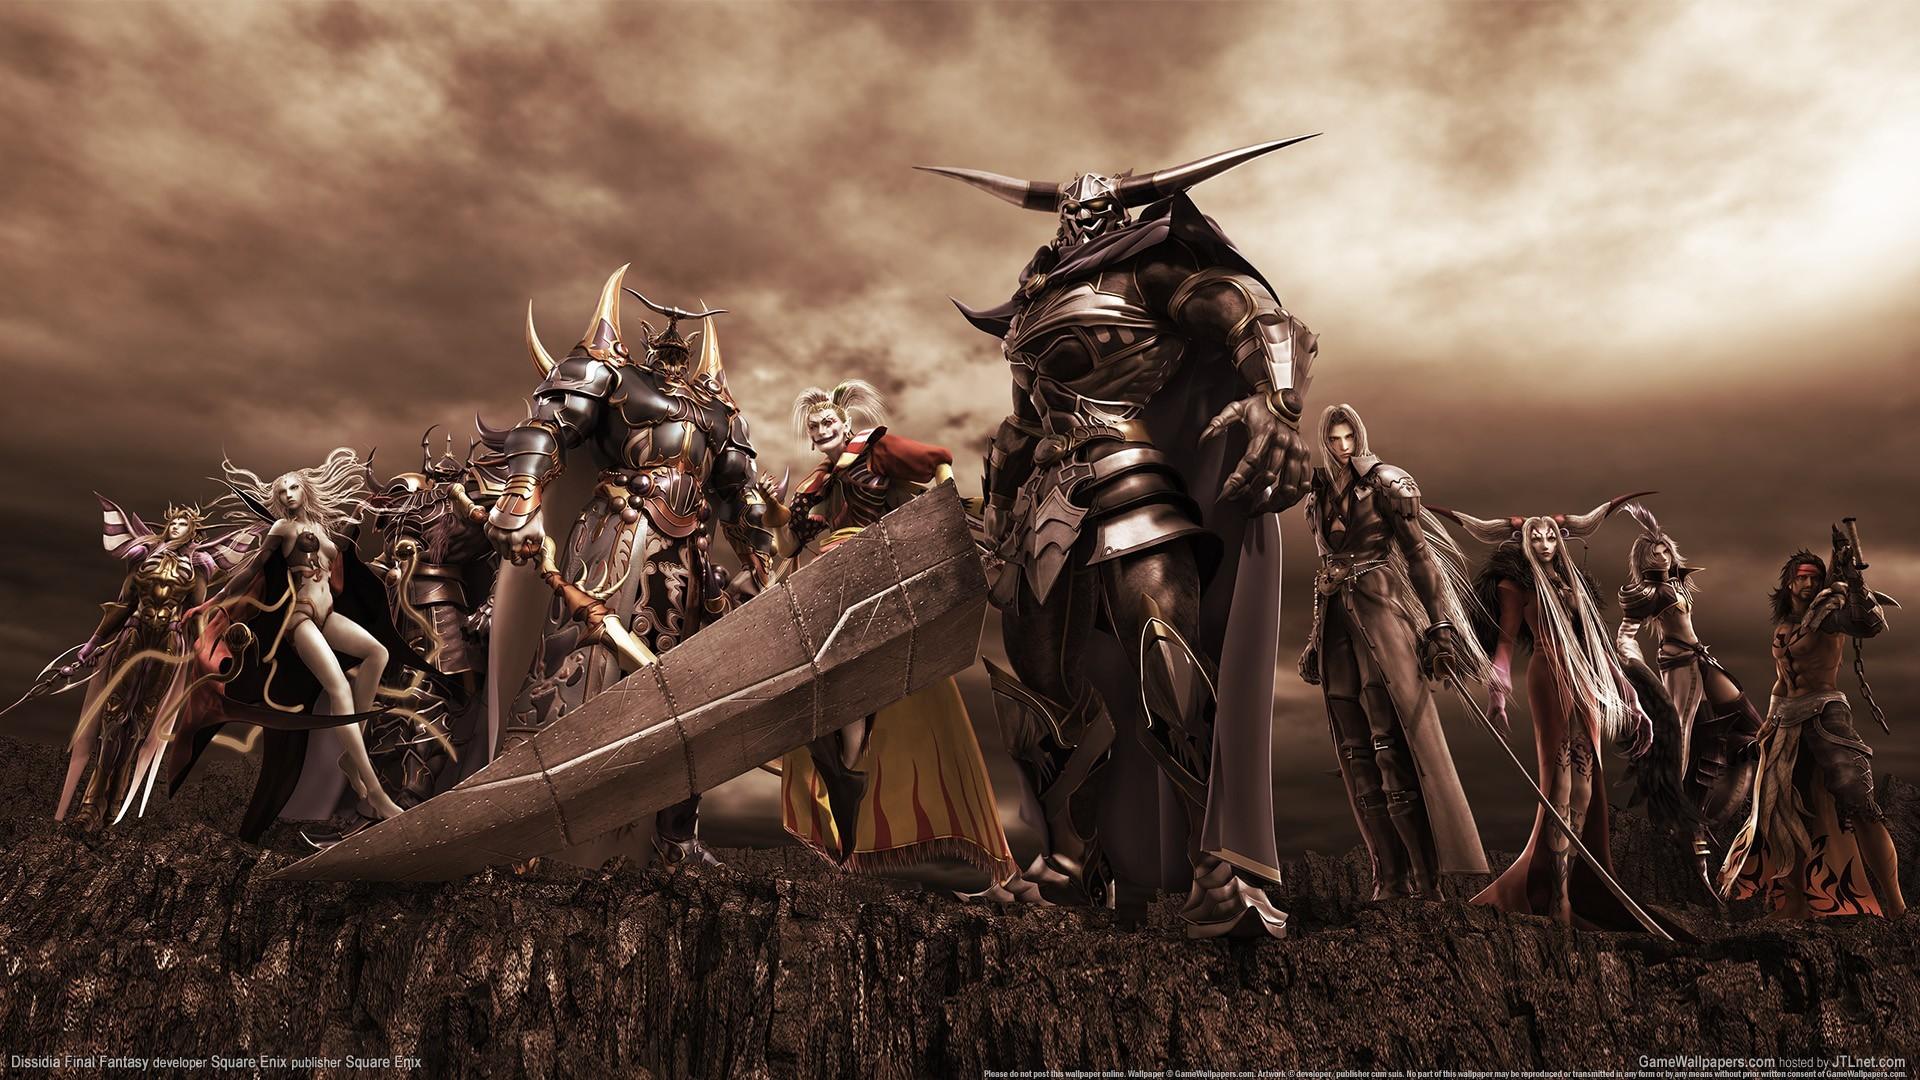 Final Fantasy video games Sephiroth Jecht wallpaper     203152    WallpaperUP